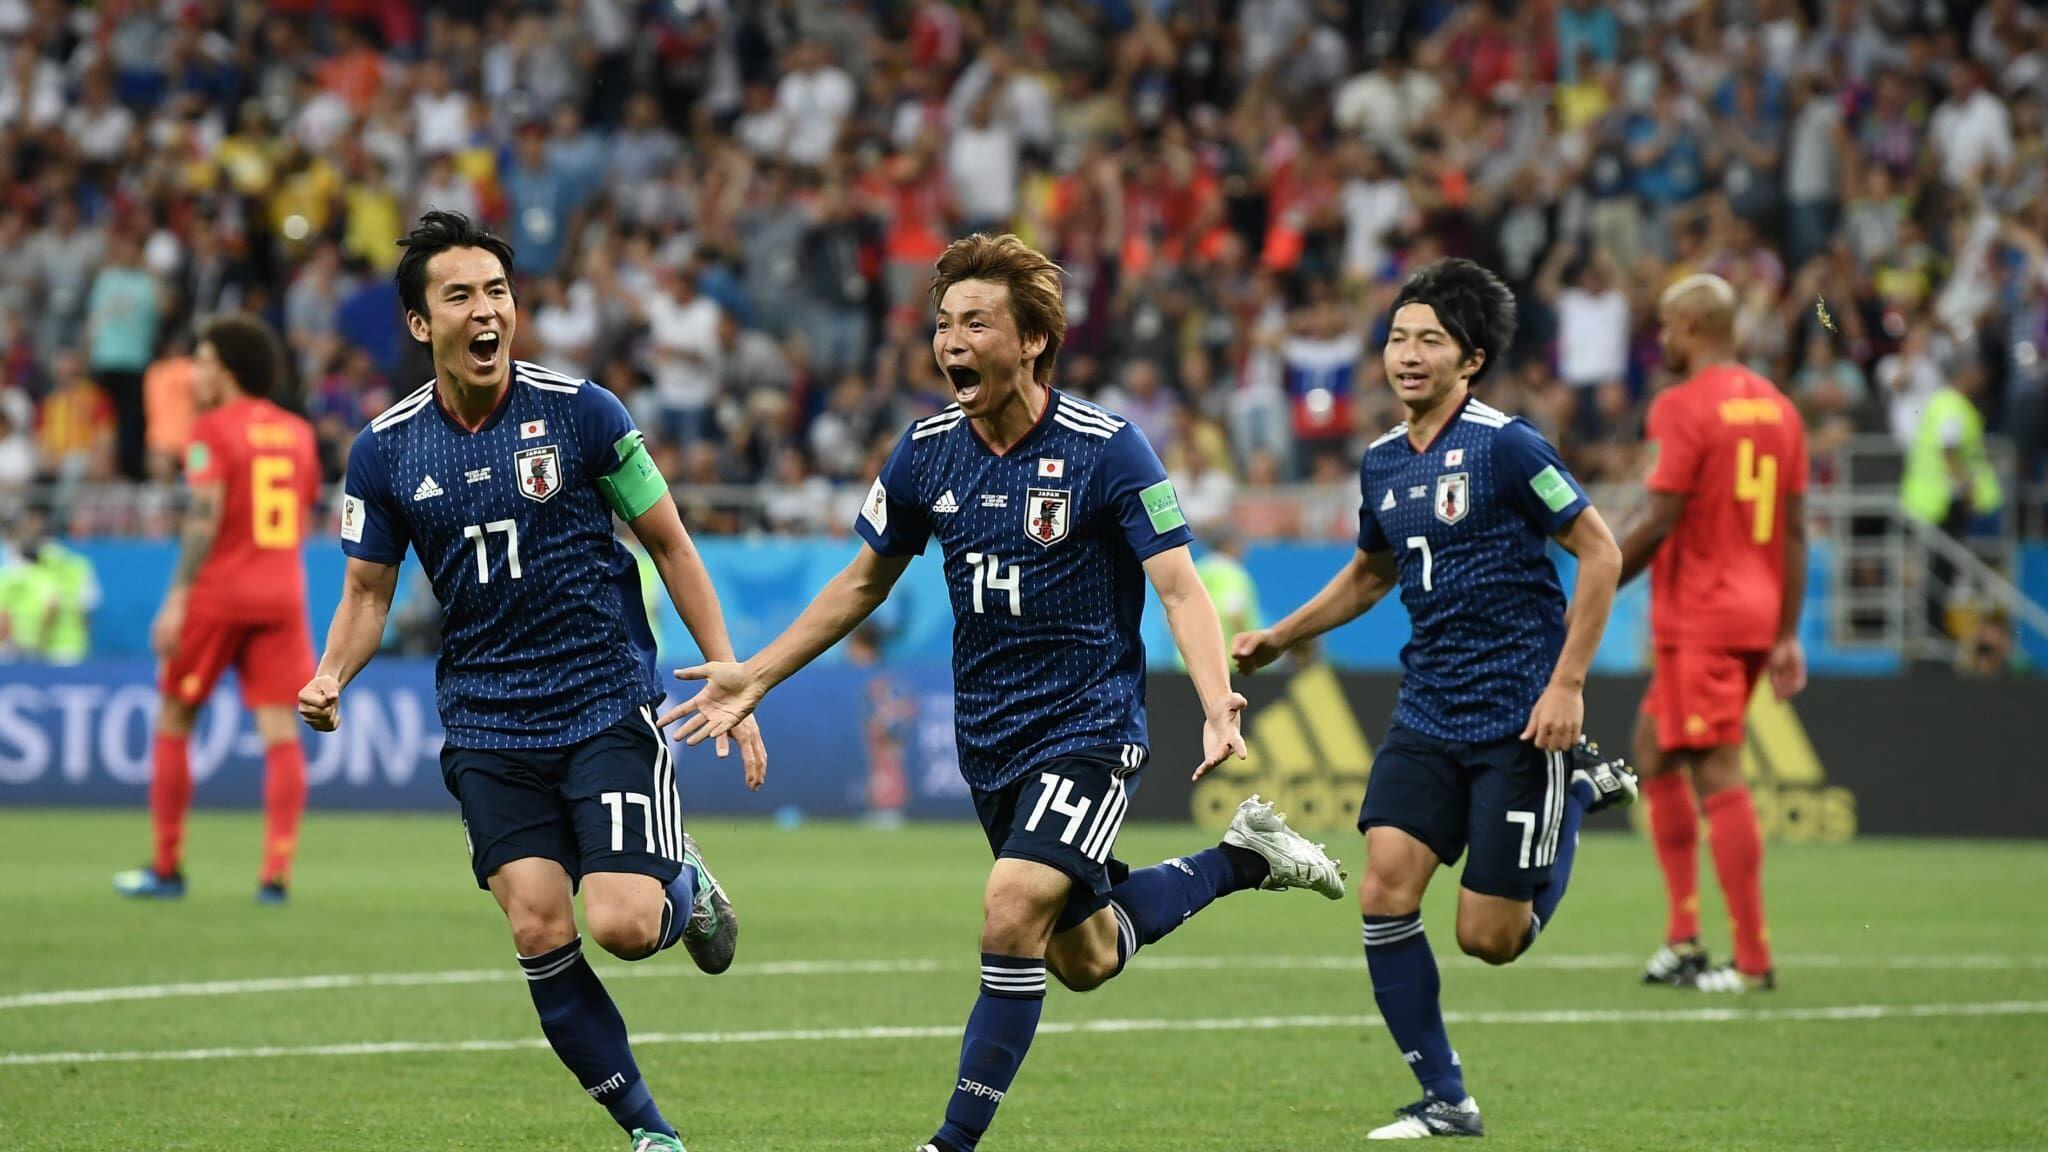 5 Hal yang Patut Dibanggakan dari Timnas Jepang di Piala Dunia 2018